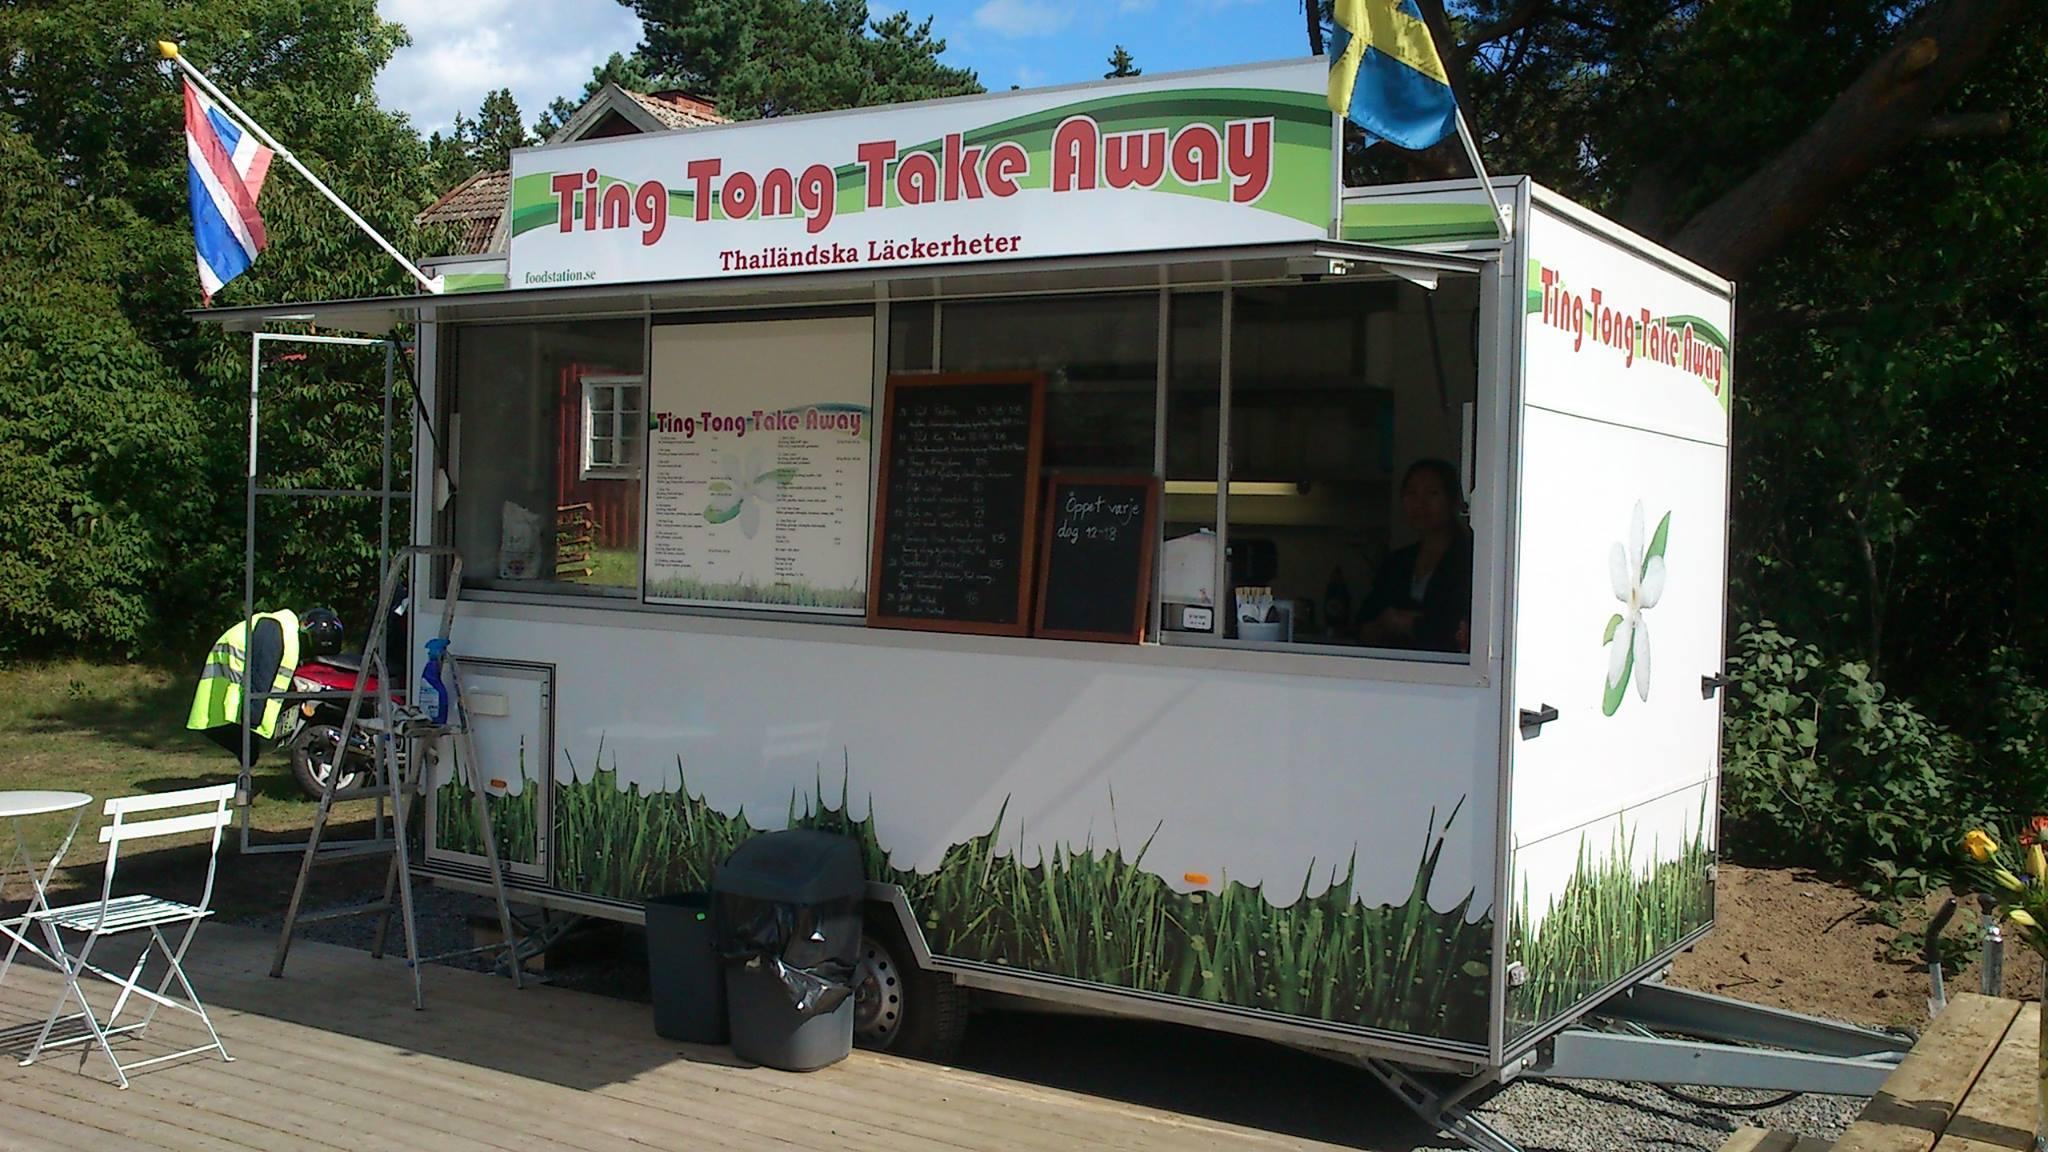 Ting Tong Takeaway Blidö